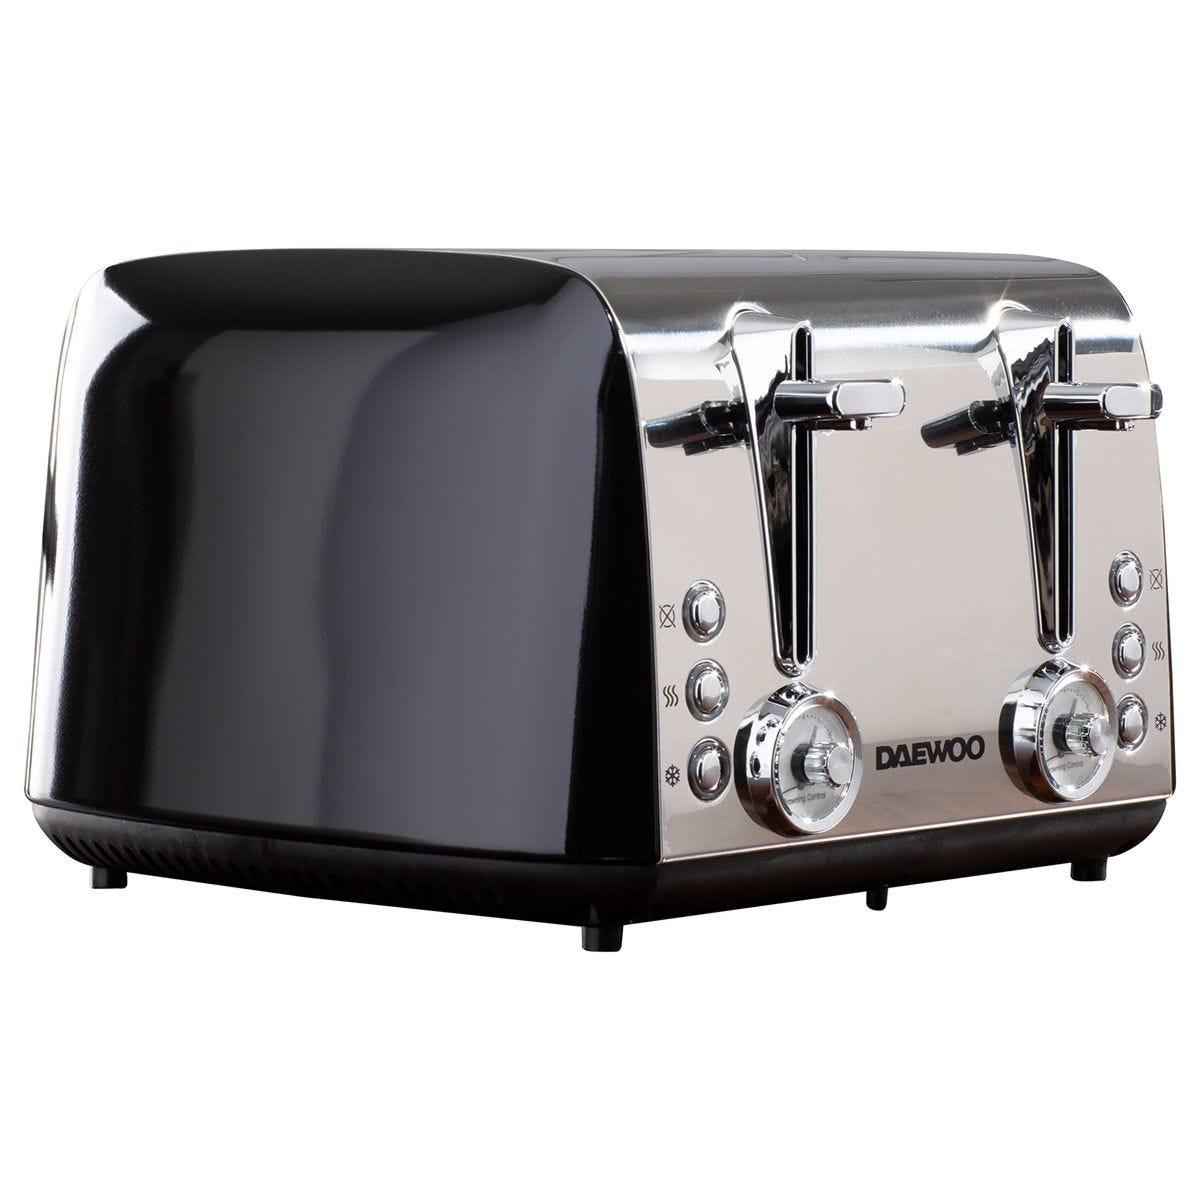 Daewoo Kingsbury 4-Slice Dial Toaster - Black